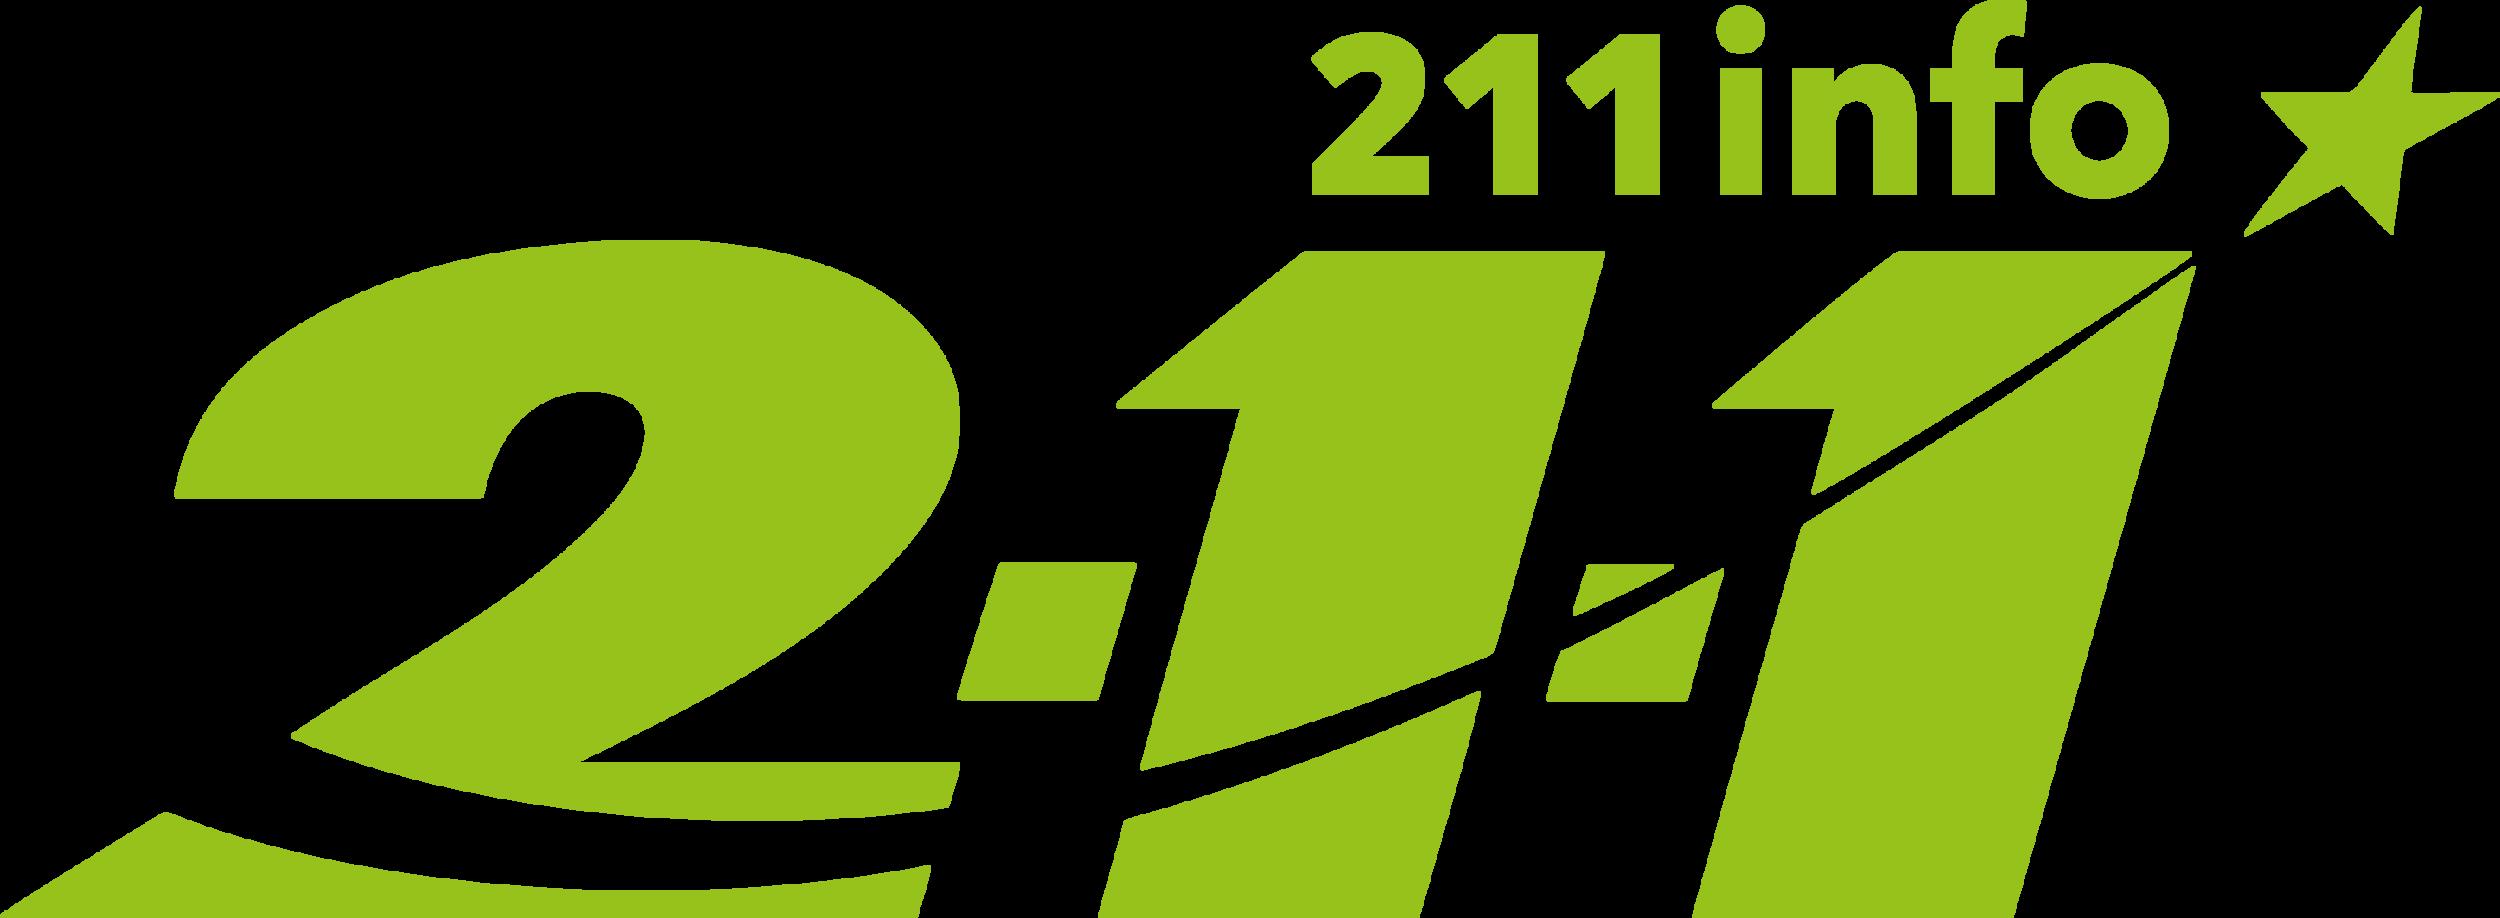 211info-Green-P382U-Logo.png